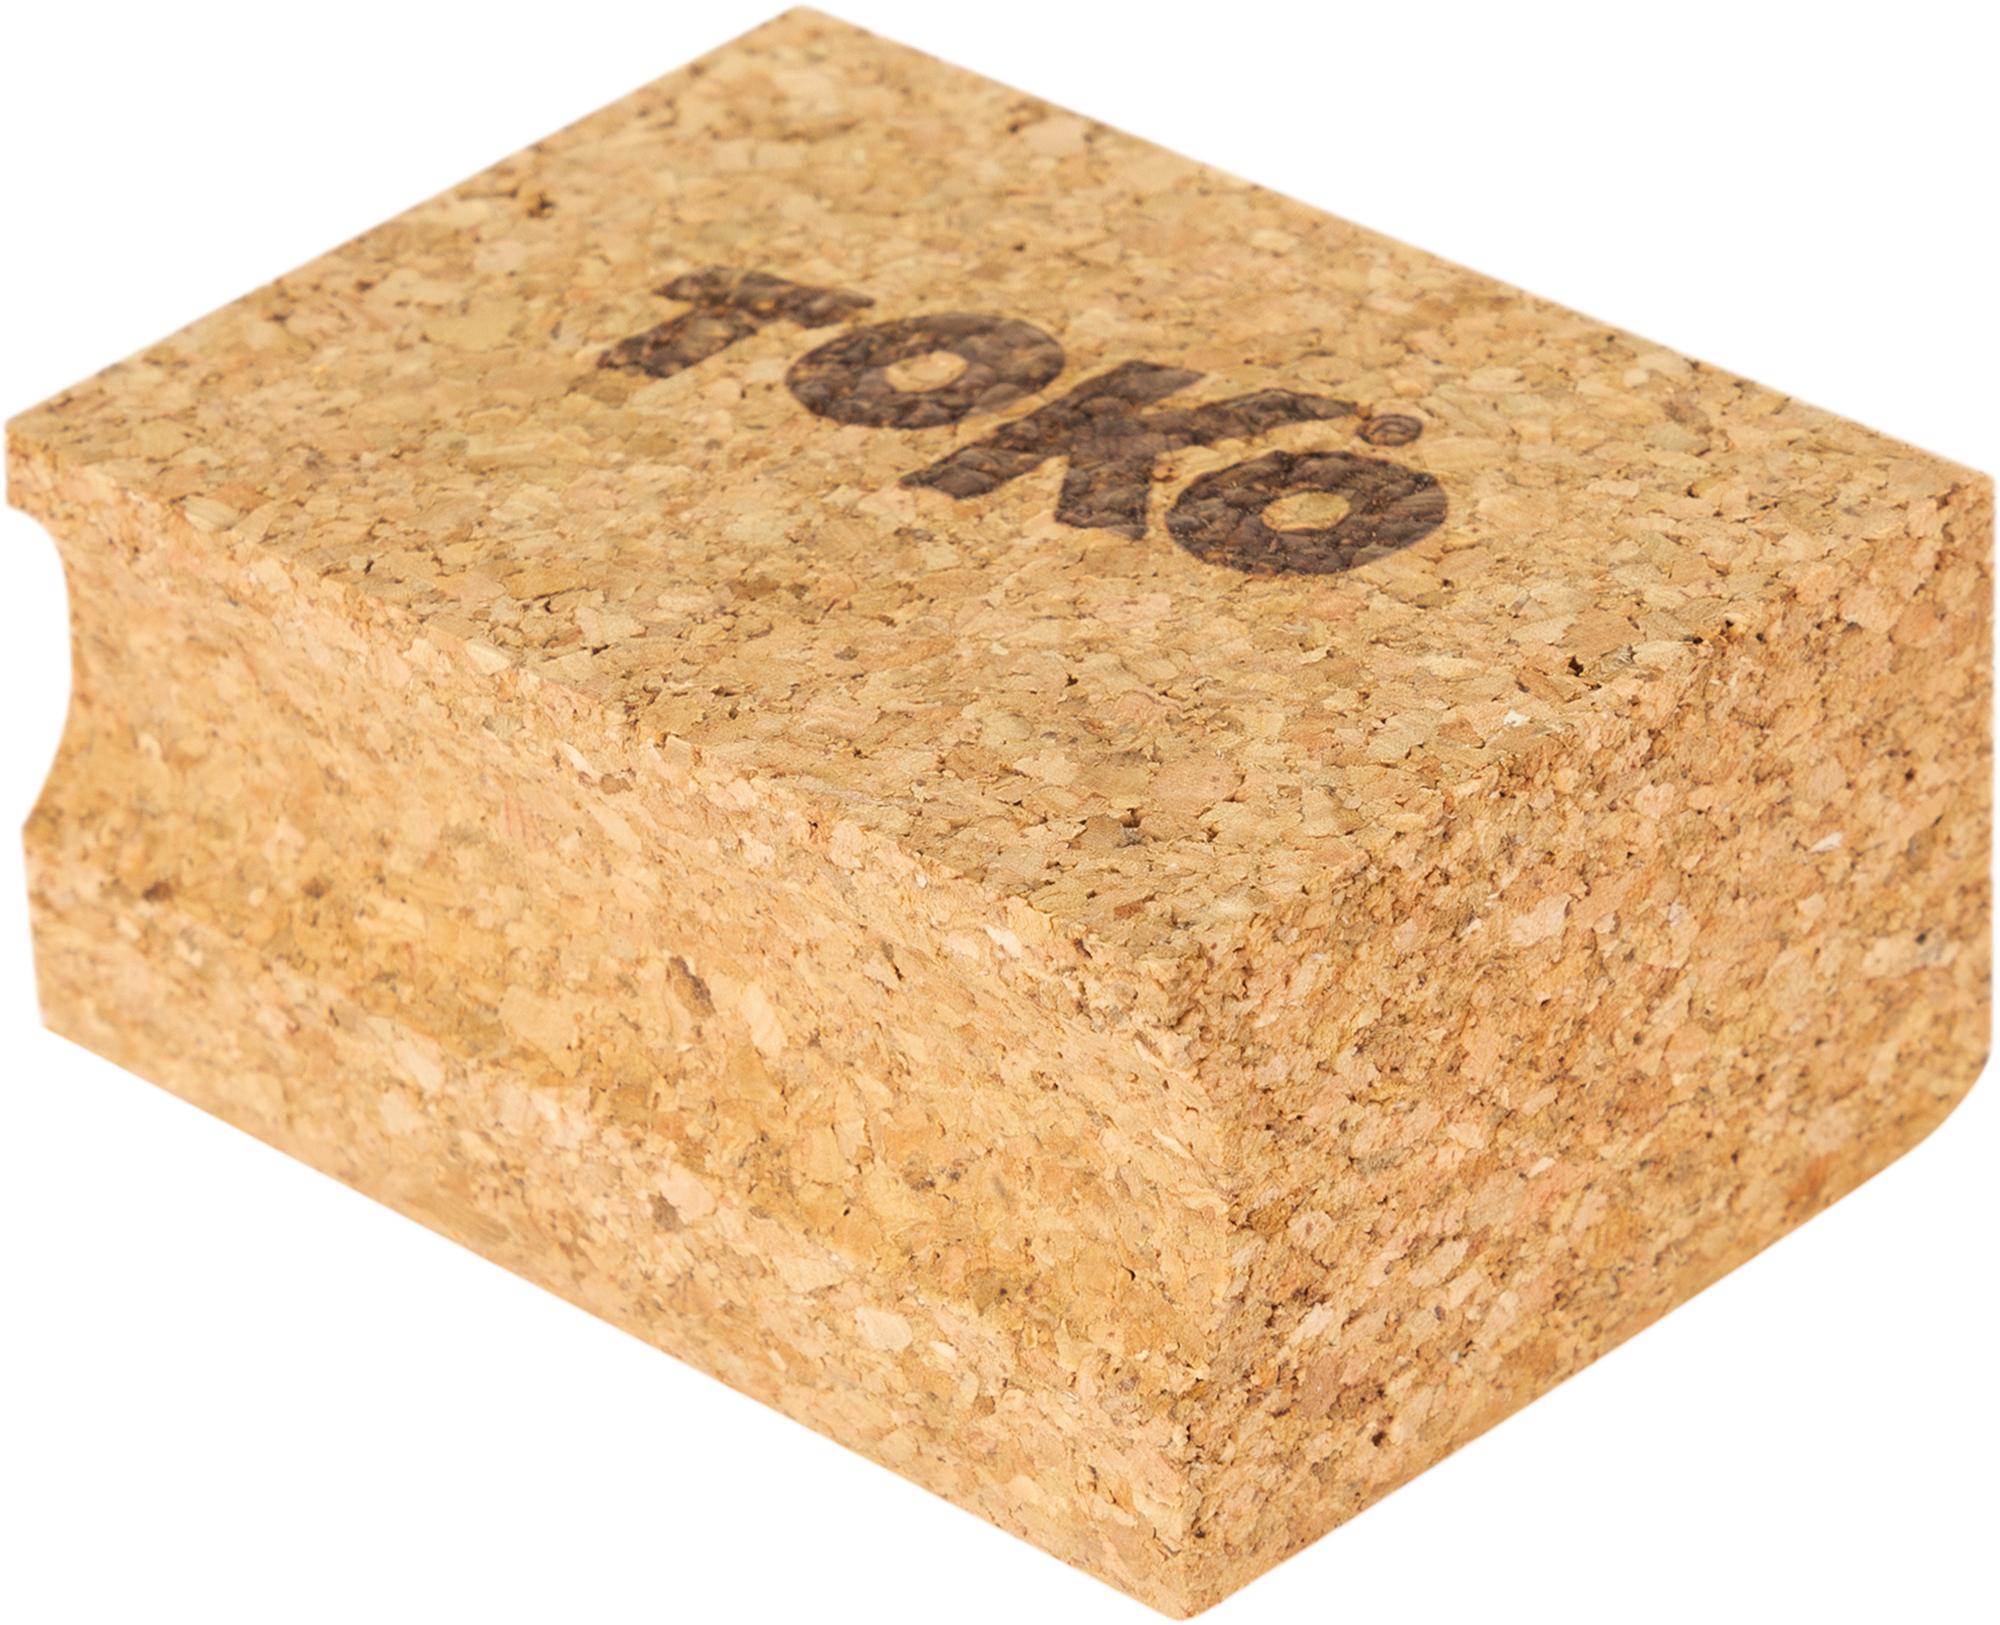 Toko Пробка для лыжной мази TOKO все цены